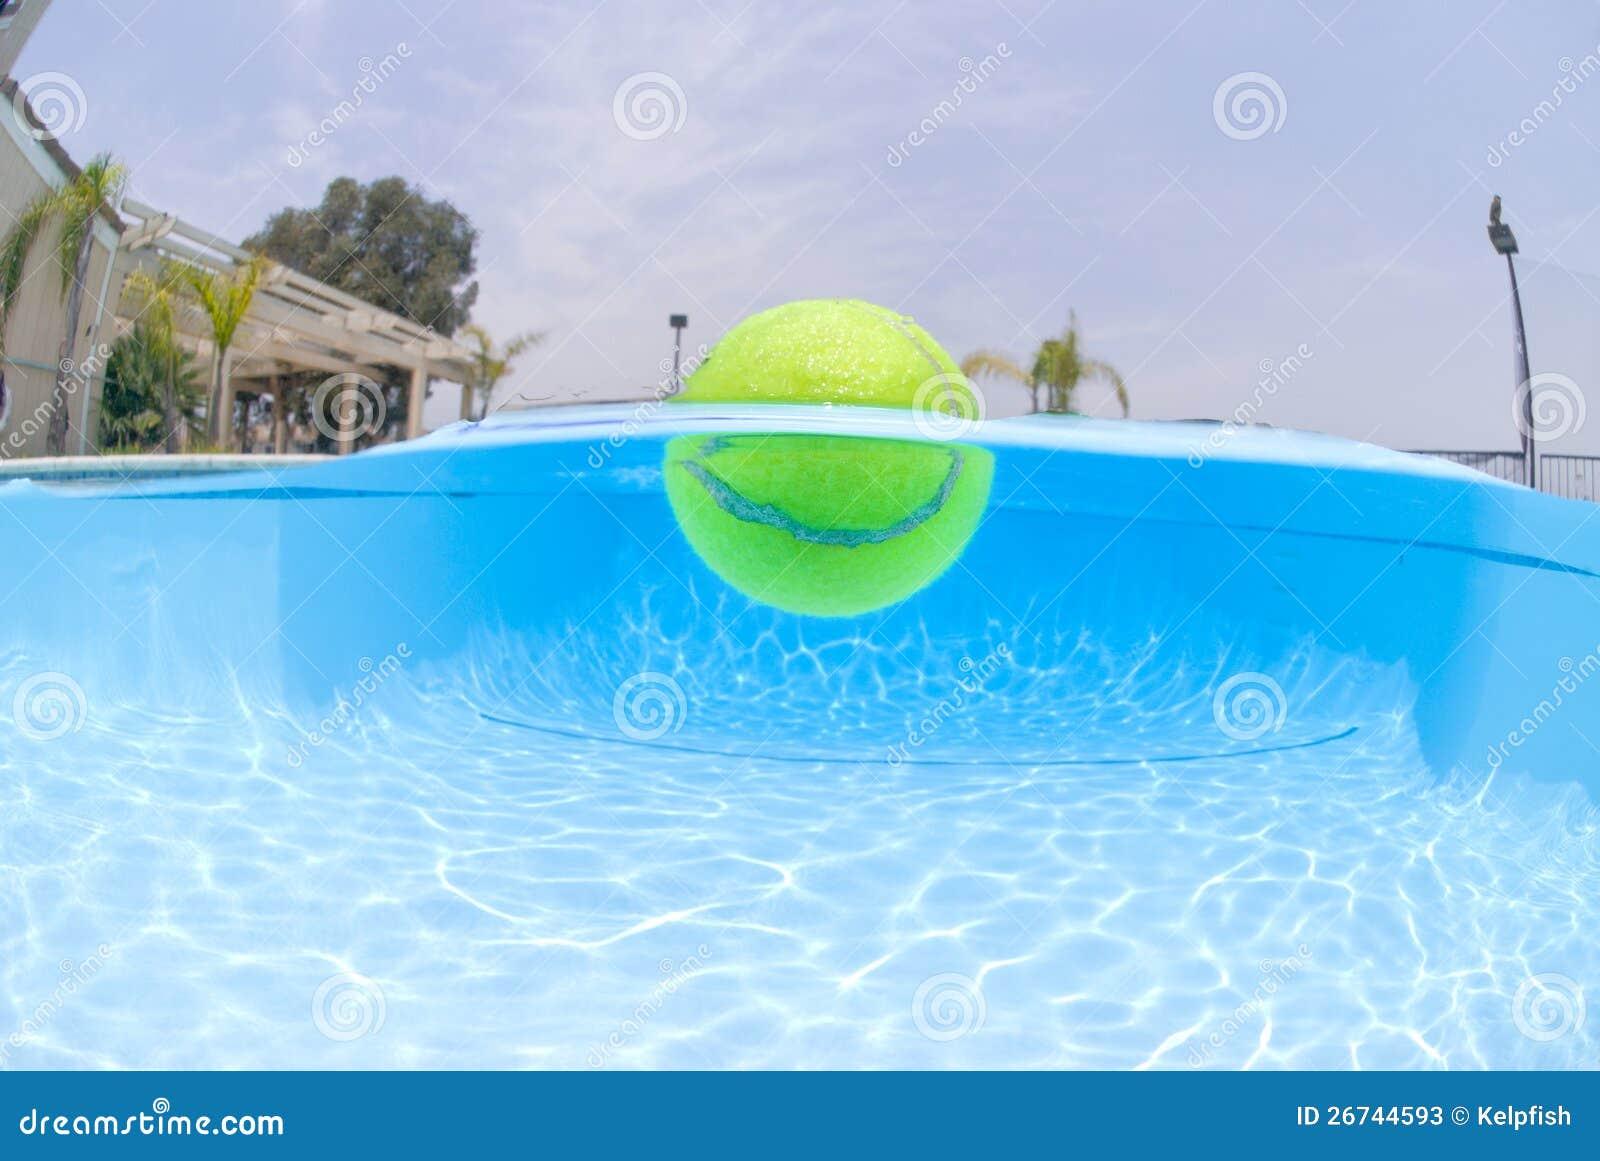 Pelota de tenis en piscina fotos de archivo imagen 26744593 for En pelotas en la piscina